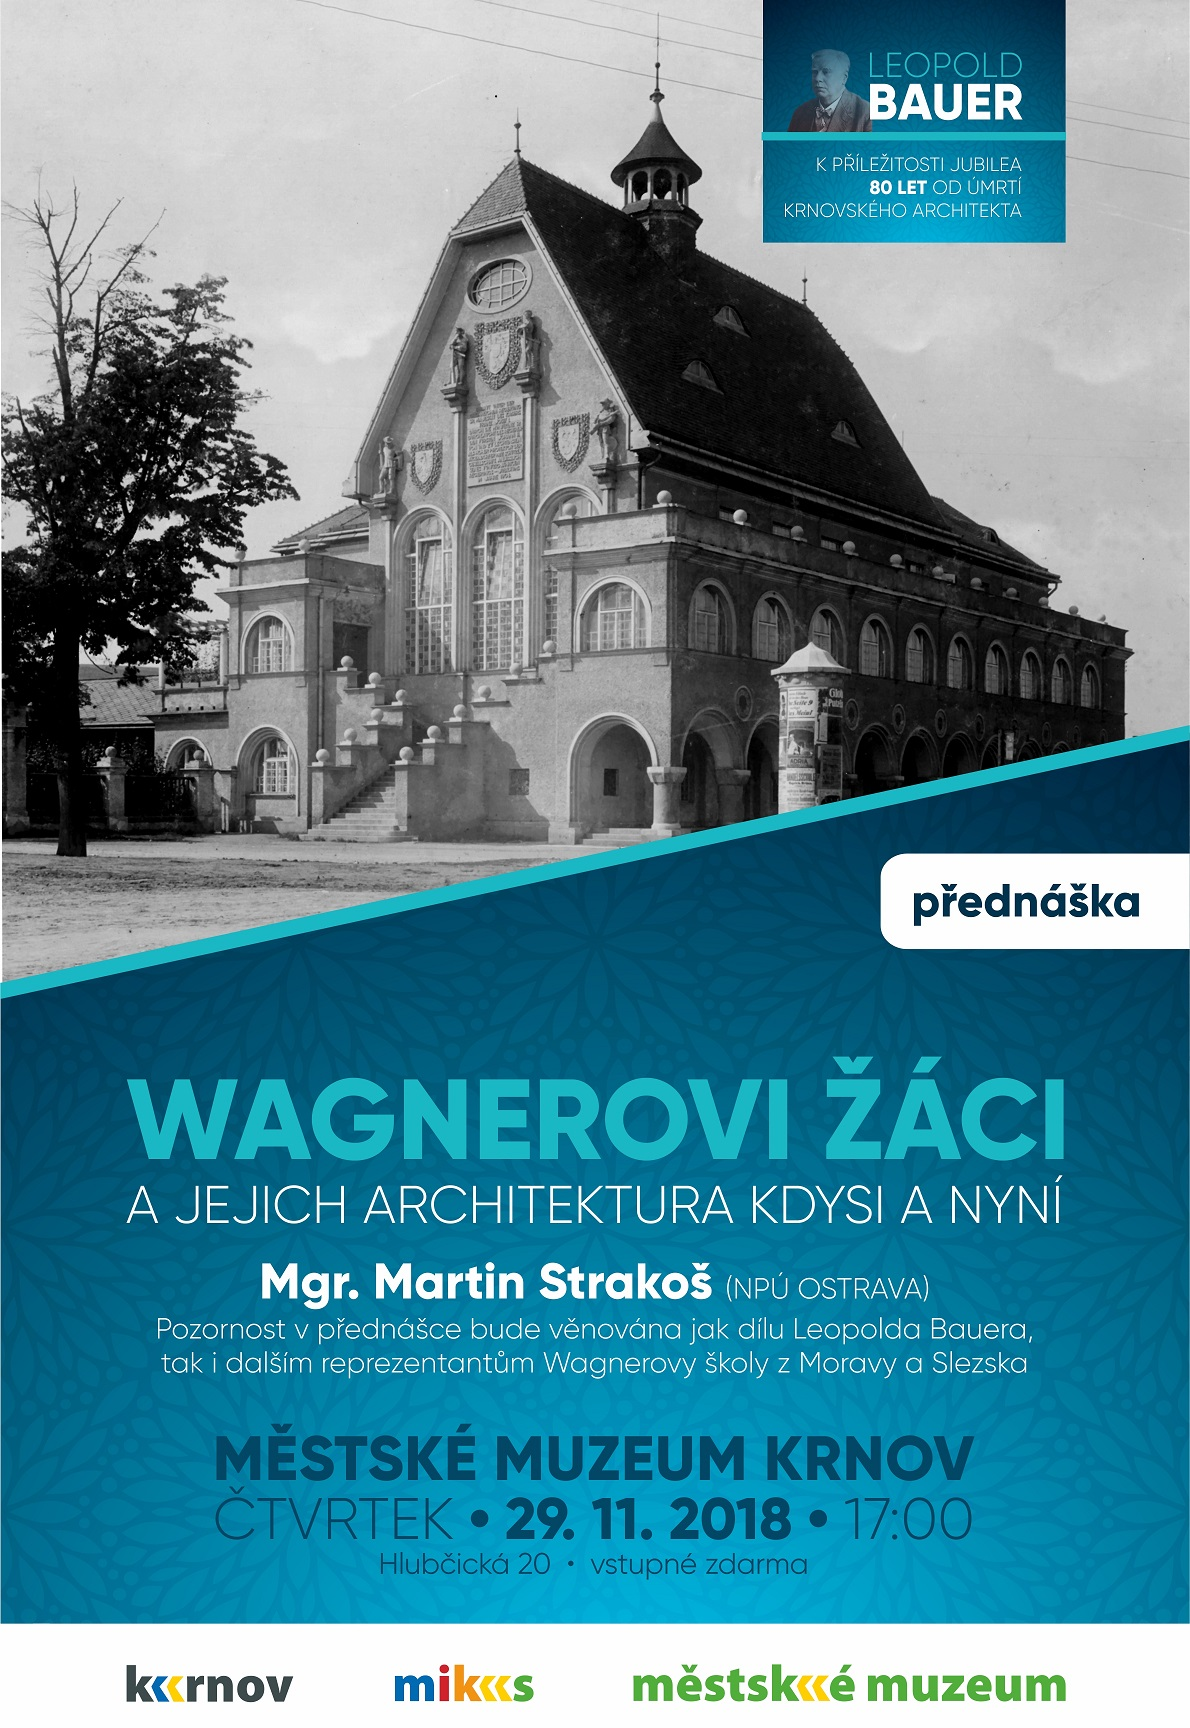 c25a95b5f45 MIKS Krnov - Wagnerovi žáci a jejich architektura kdysi a nyní ...